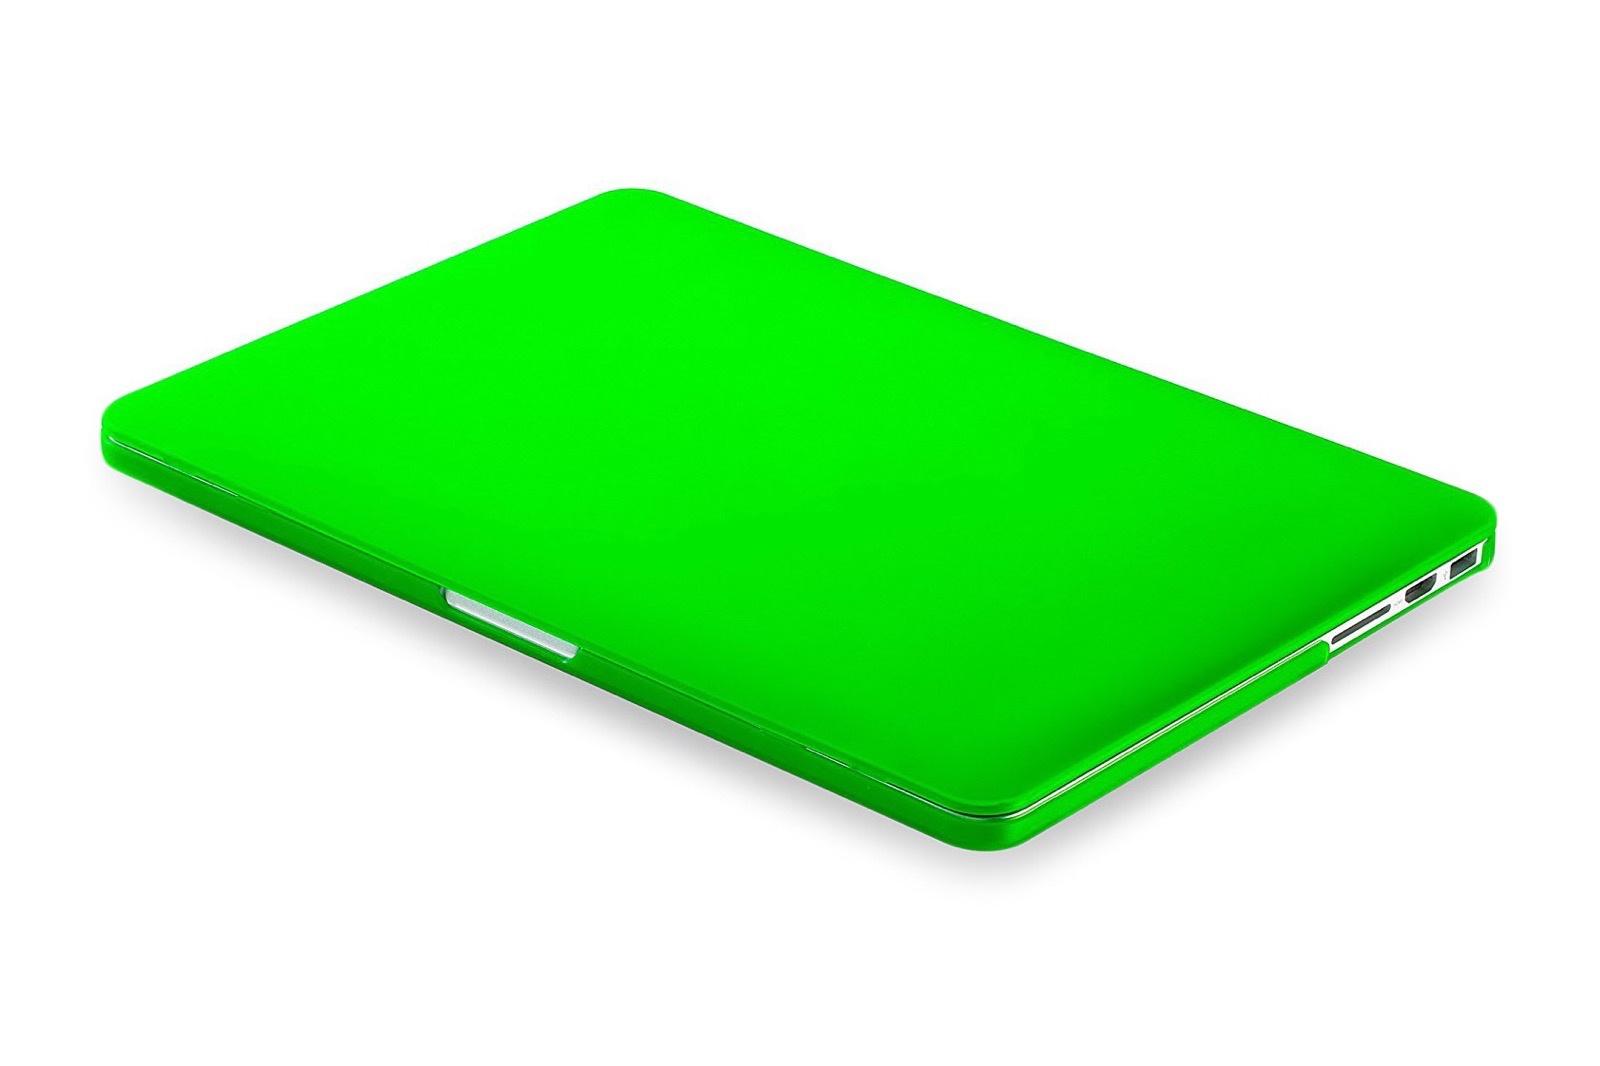 Чехол для ноутбука Gurdini накладка пластик матовый 900140 для Apple MacBook Retina 13